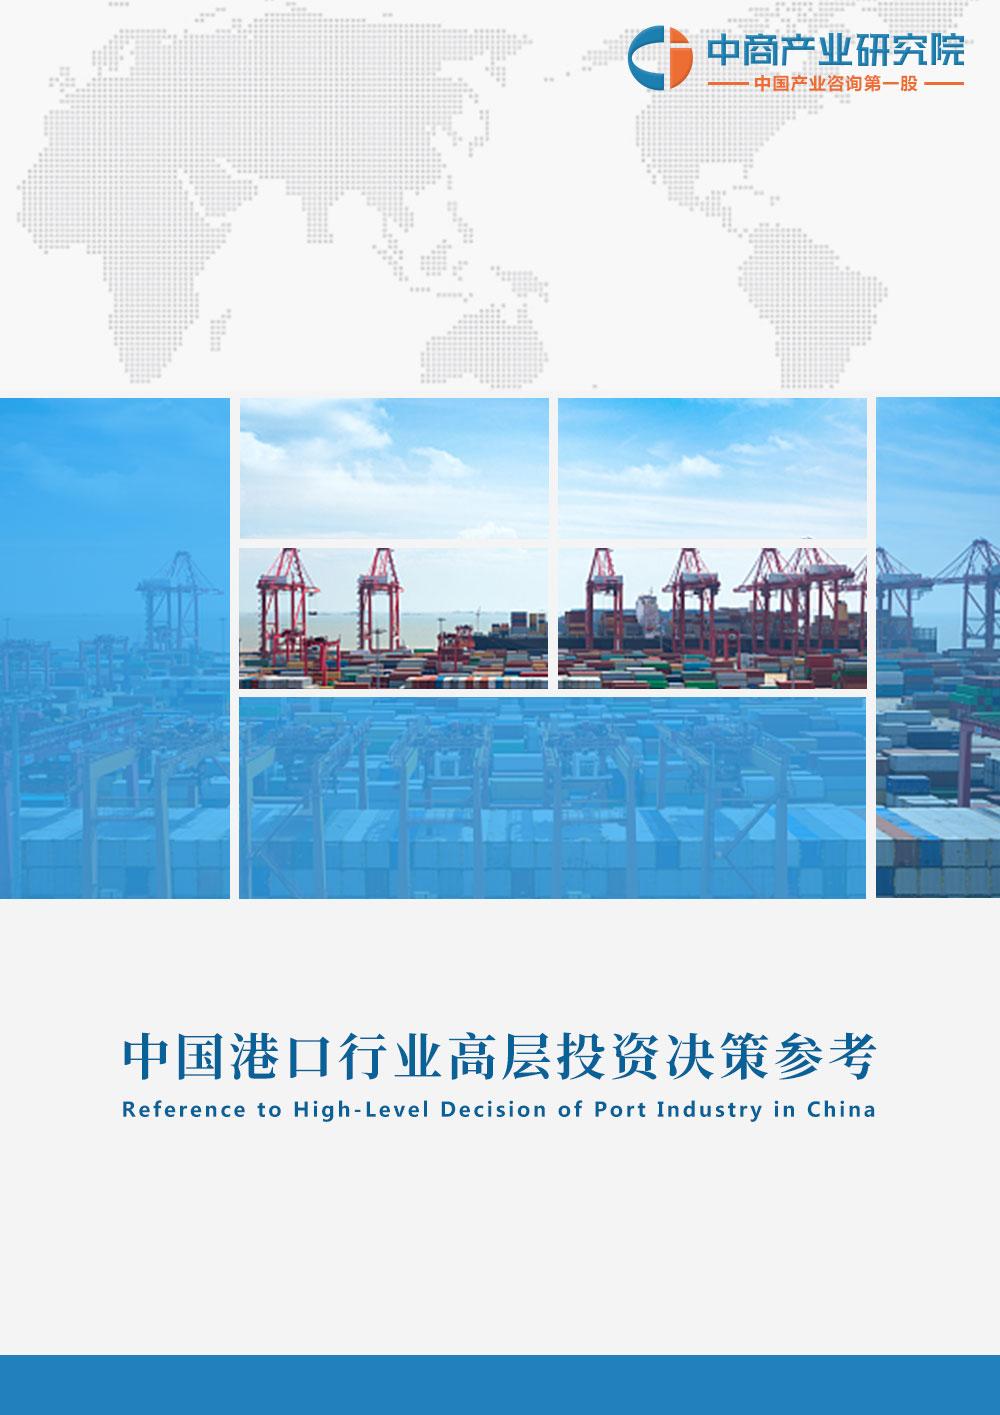 中国港口行业投资决策参考(2019年1月)